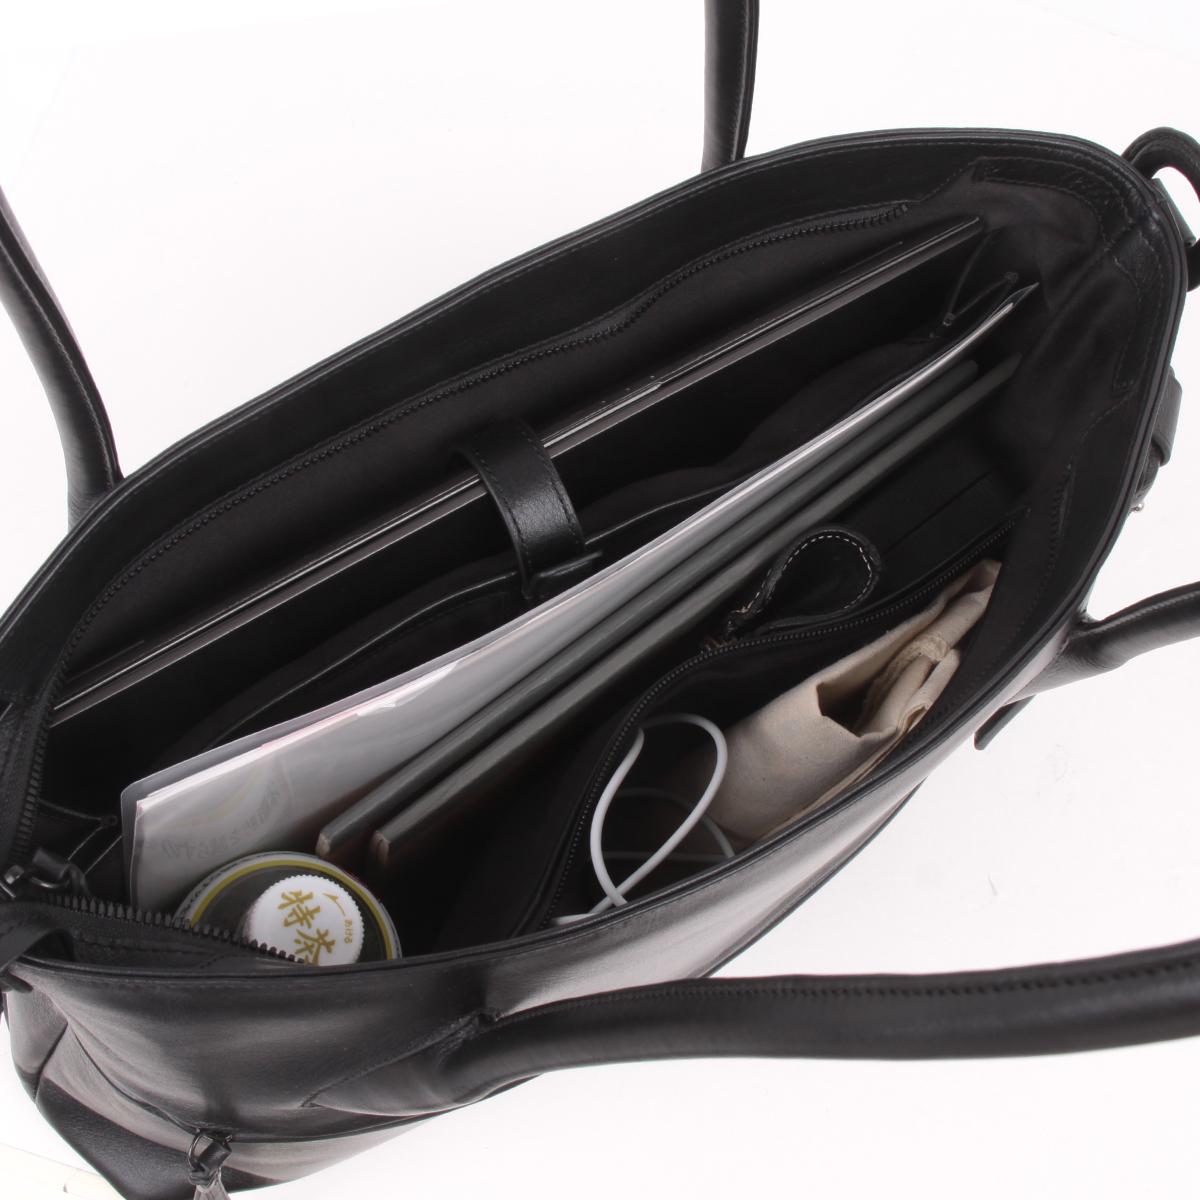 【PID】軽量レザートートバッグ  PAN901